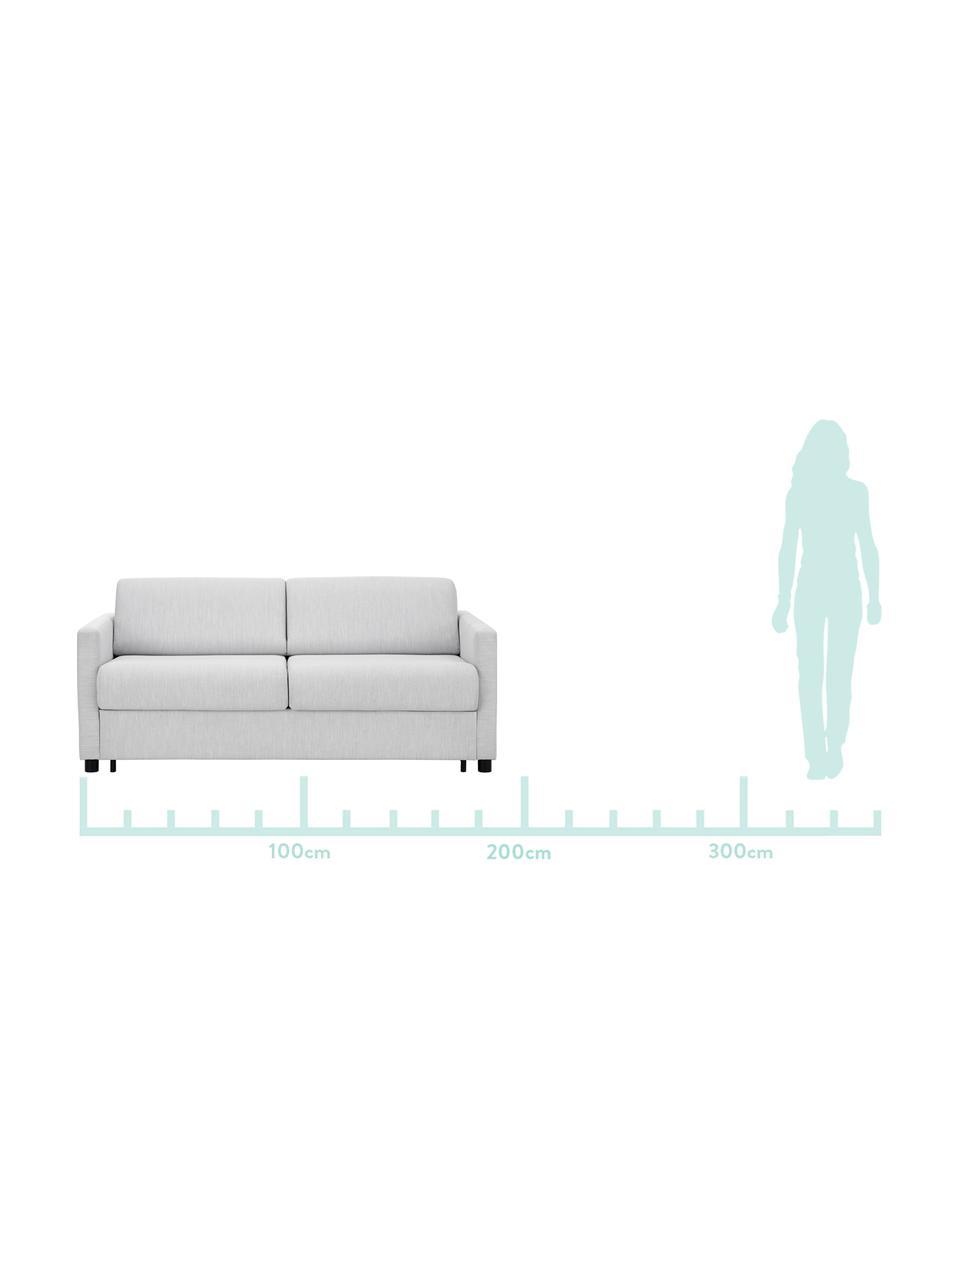 Schlafsofa Morgan (2-Sitzer) in Hellgrau, ausklappbar, Bezug: 100% Polyester Der hochwe, Füße: Massives Kiefernholz, lac, Grau, B 187 x T 92 cm